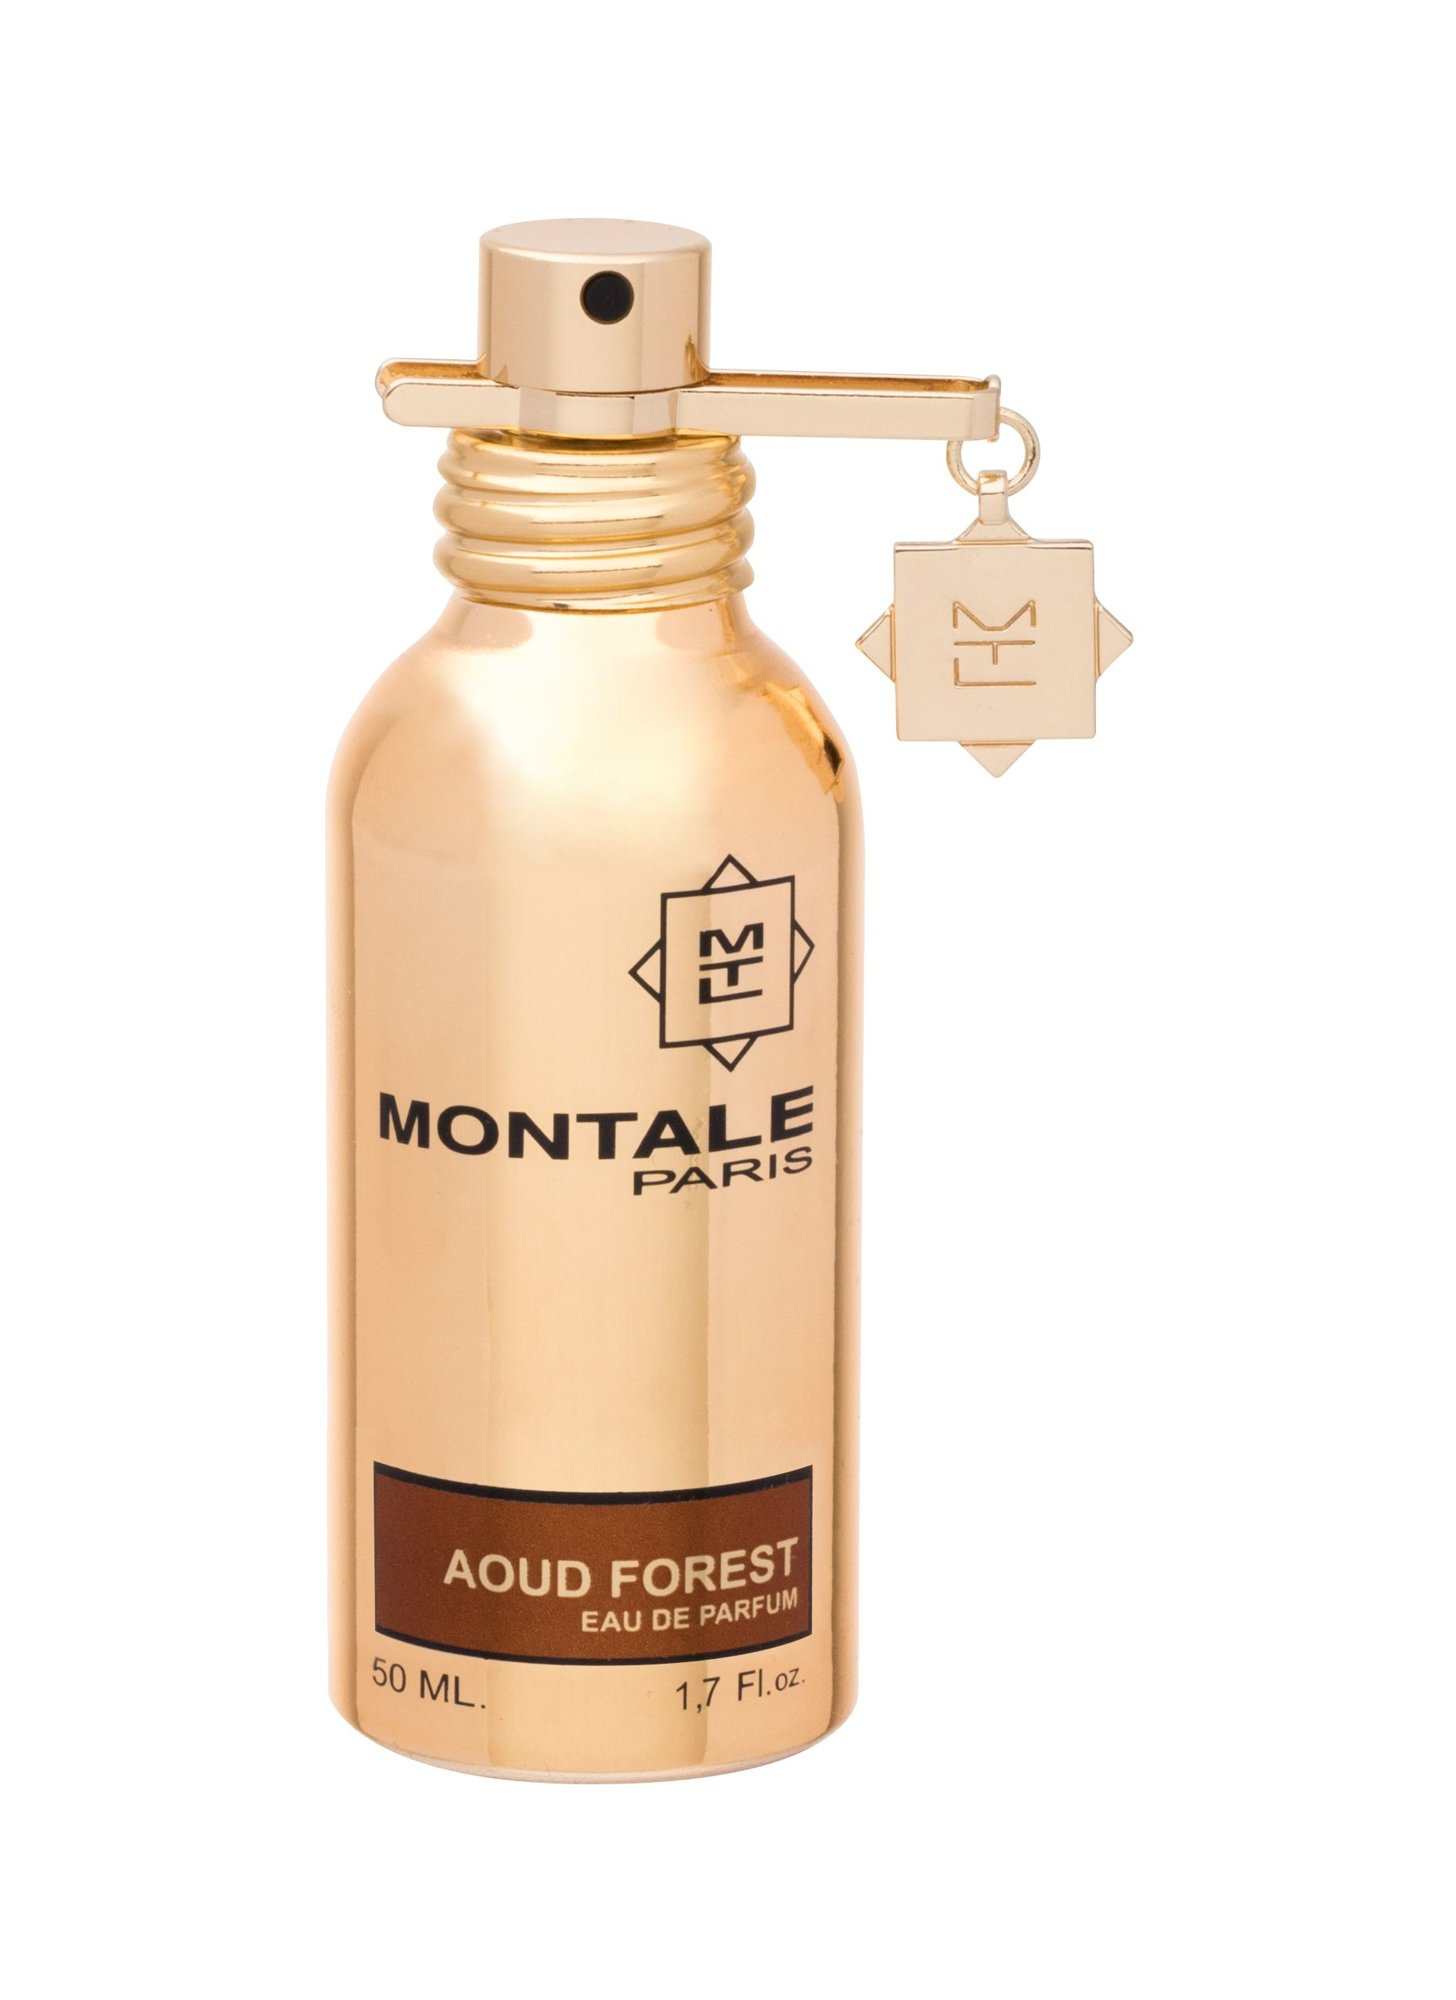 Montale Paris Aoud Forest EDP 50ml